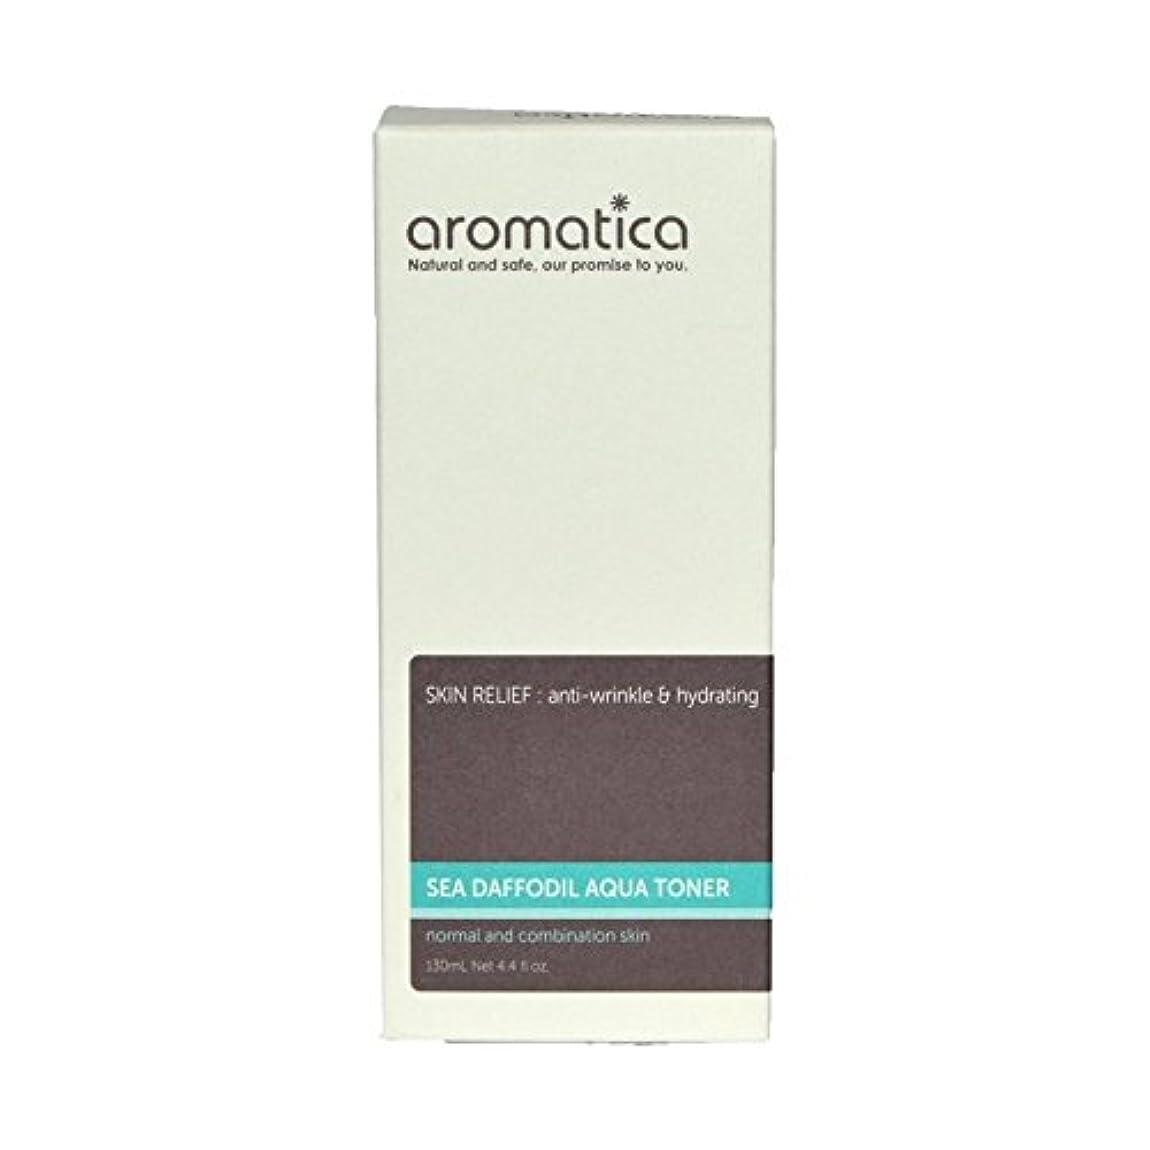 真剣にビリーヤギペット海スイセンアクアトナー130ミリリットル x2 - aromatica Sea Daffodil Aqua Toner 130ml (Pack of 2) [並行輸入品]